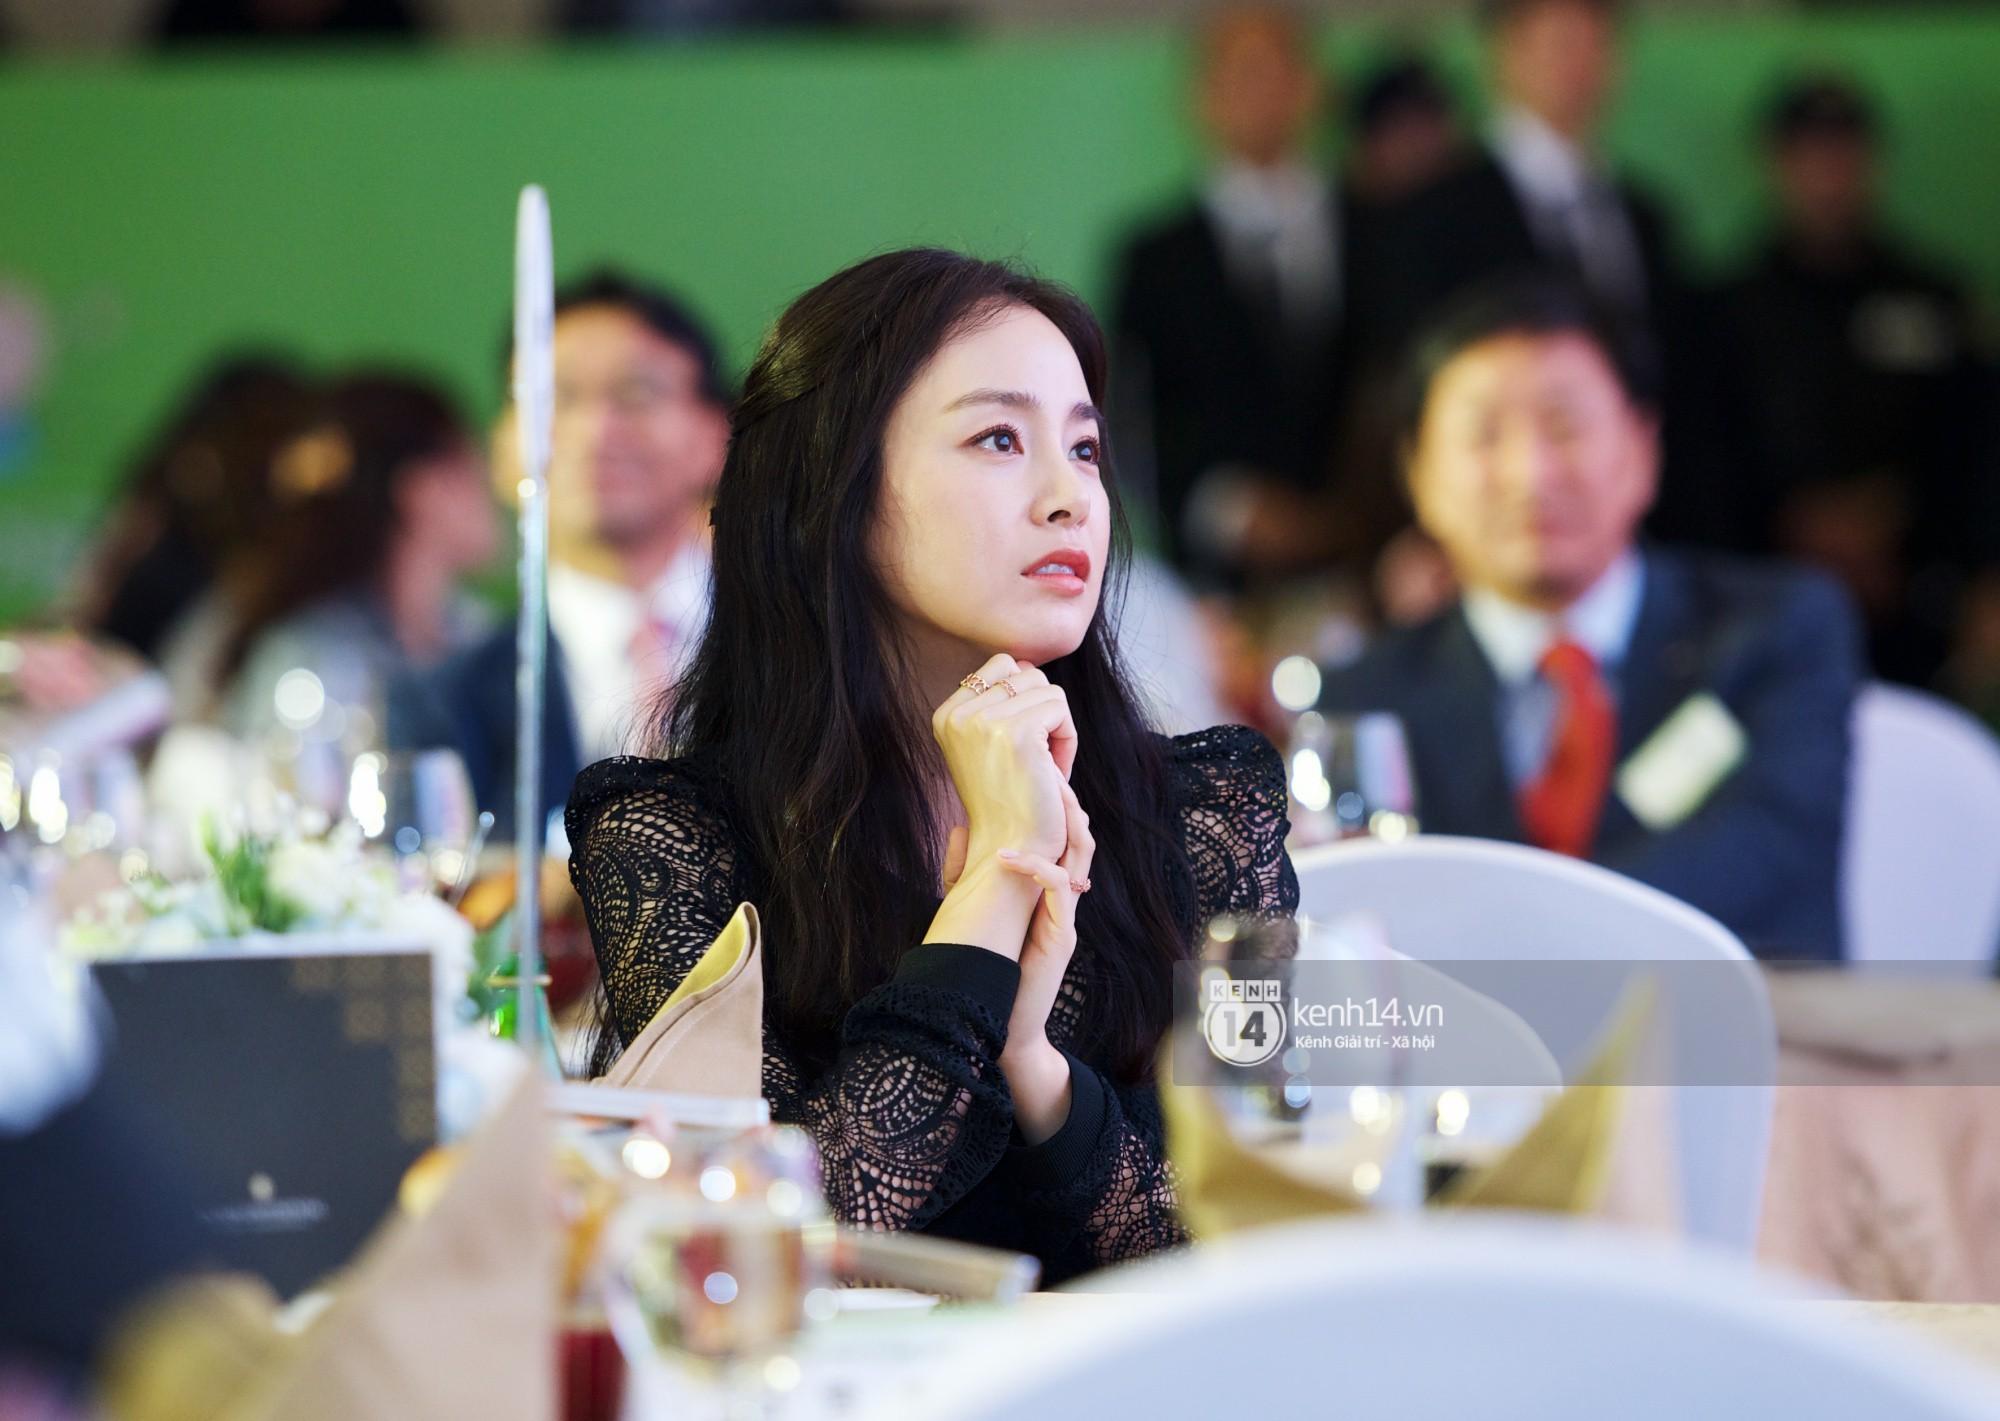 Bộ ảnh đẹp nhất của Kim Tae Hee tại đêm tiệc Hàn ở Hà Nội: Khoảnh khắc minh tinh châu Á hút hồn toàn bộ khán phòng-2